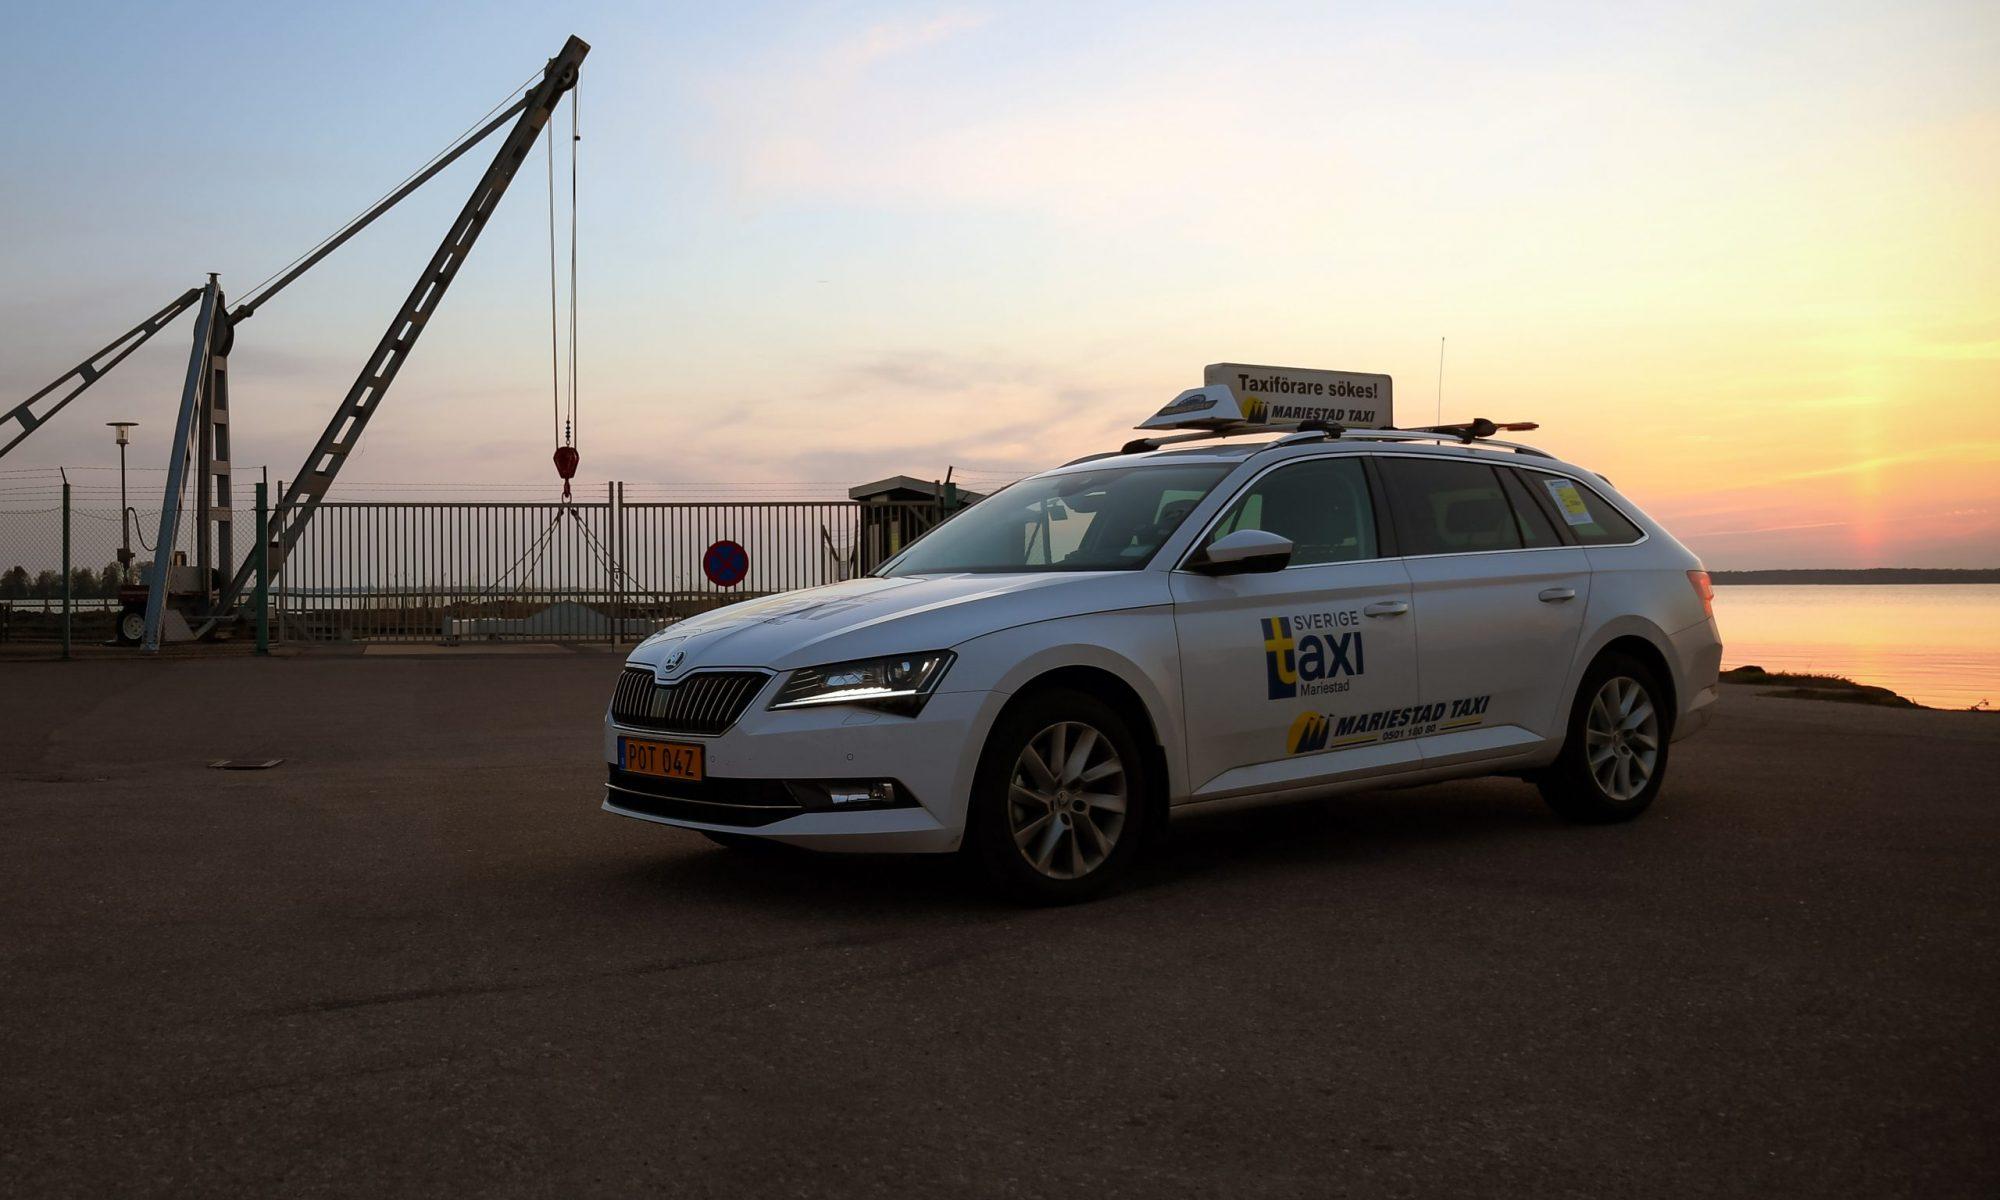 Taxi Mariestad